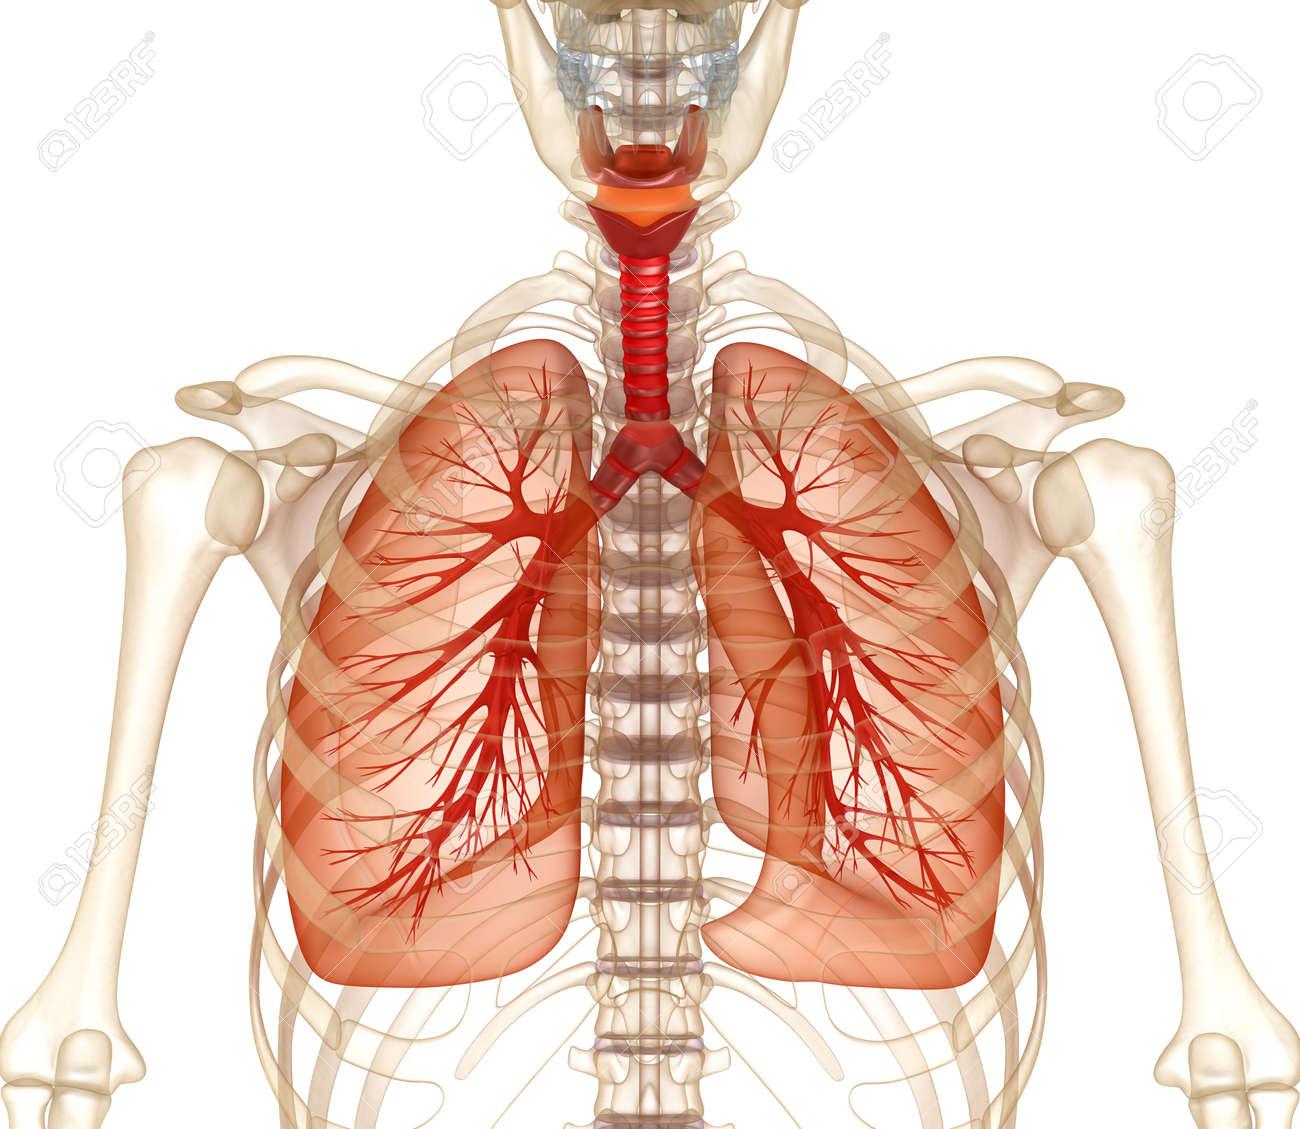 Berühmt Lunge Lage Ideen - Anatomie Und Physiologie Knochen Bilder ...